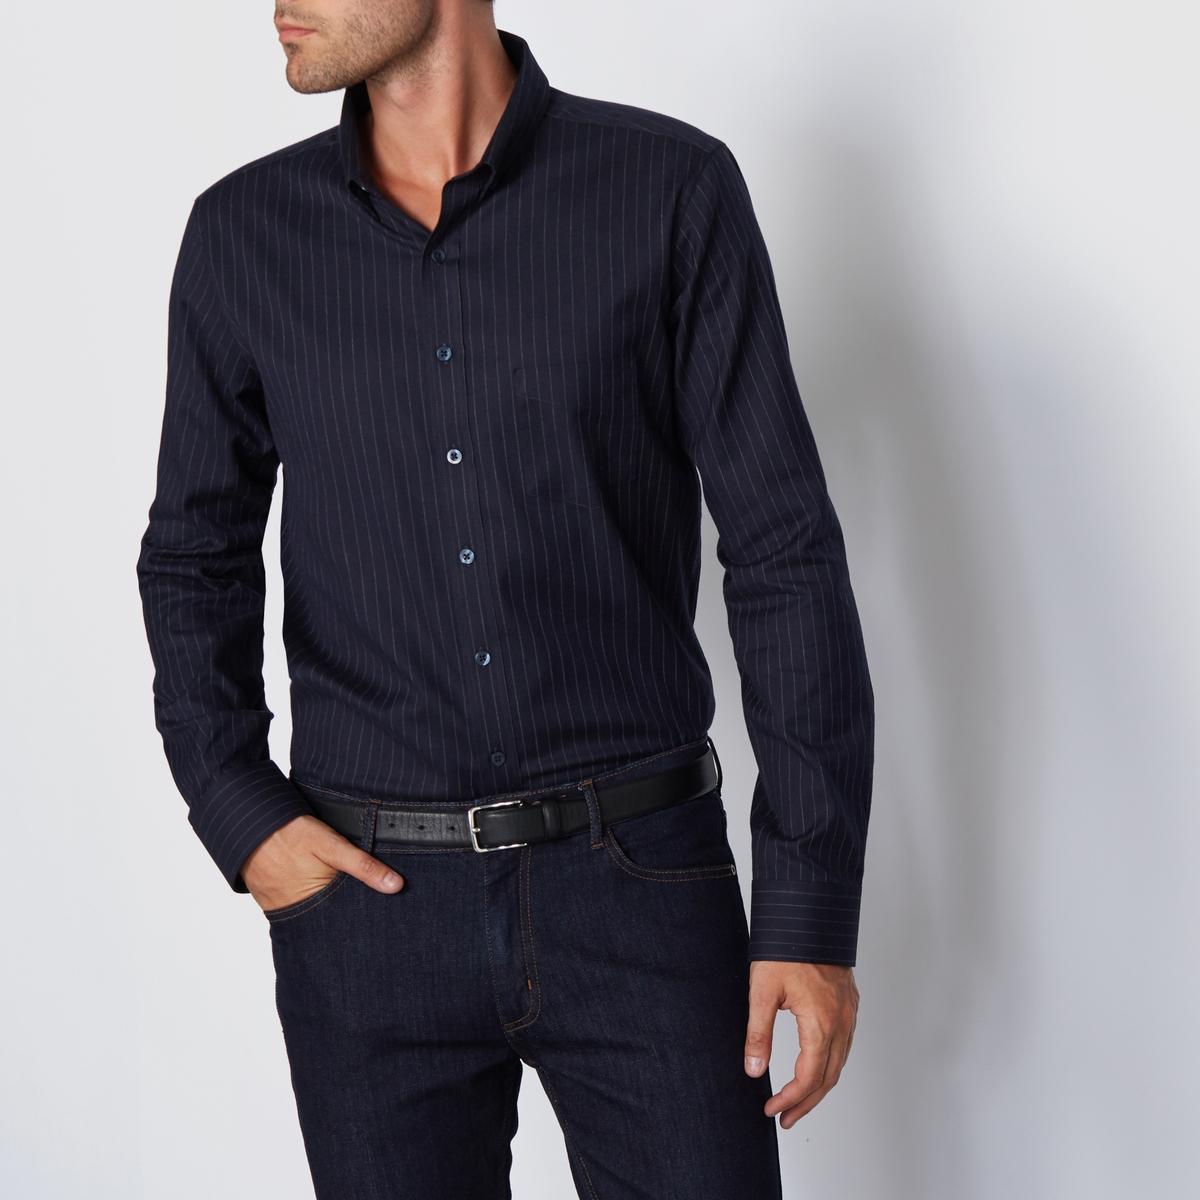 Рубашка прямого покроя с длинными рукавами, 100% хлопокСостав и описаниеМатериал : 100% хлопок  Длина : 76 смМарка : R essentielУходМашинная стирка при 30 °CСтирать с вещами схожих цветовГладить с изнаночной стороны.<br><br>Цвет: темно-синий в полоску<br>Размер: 37/38